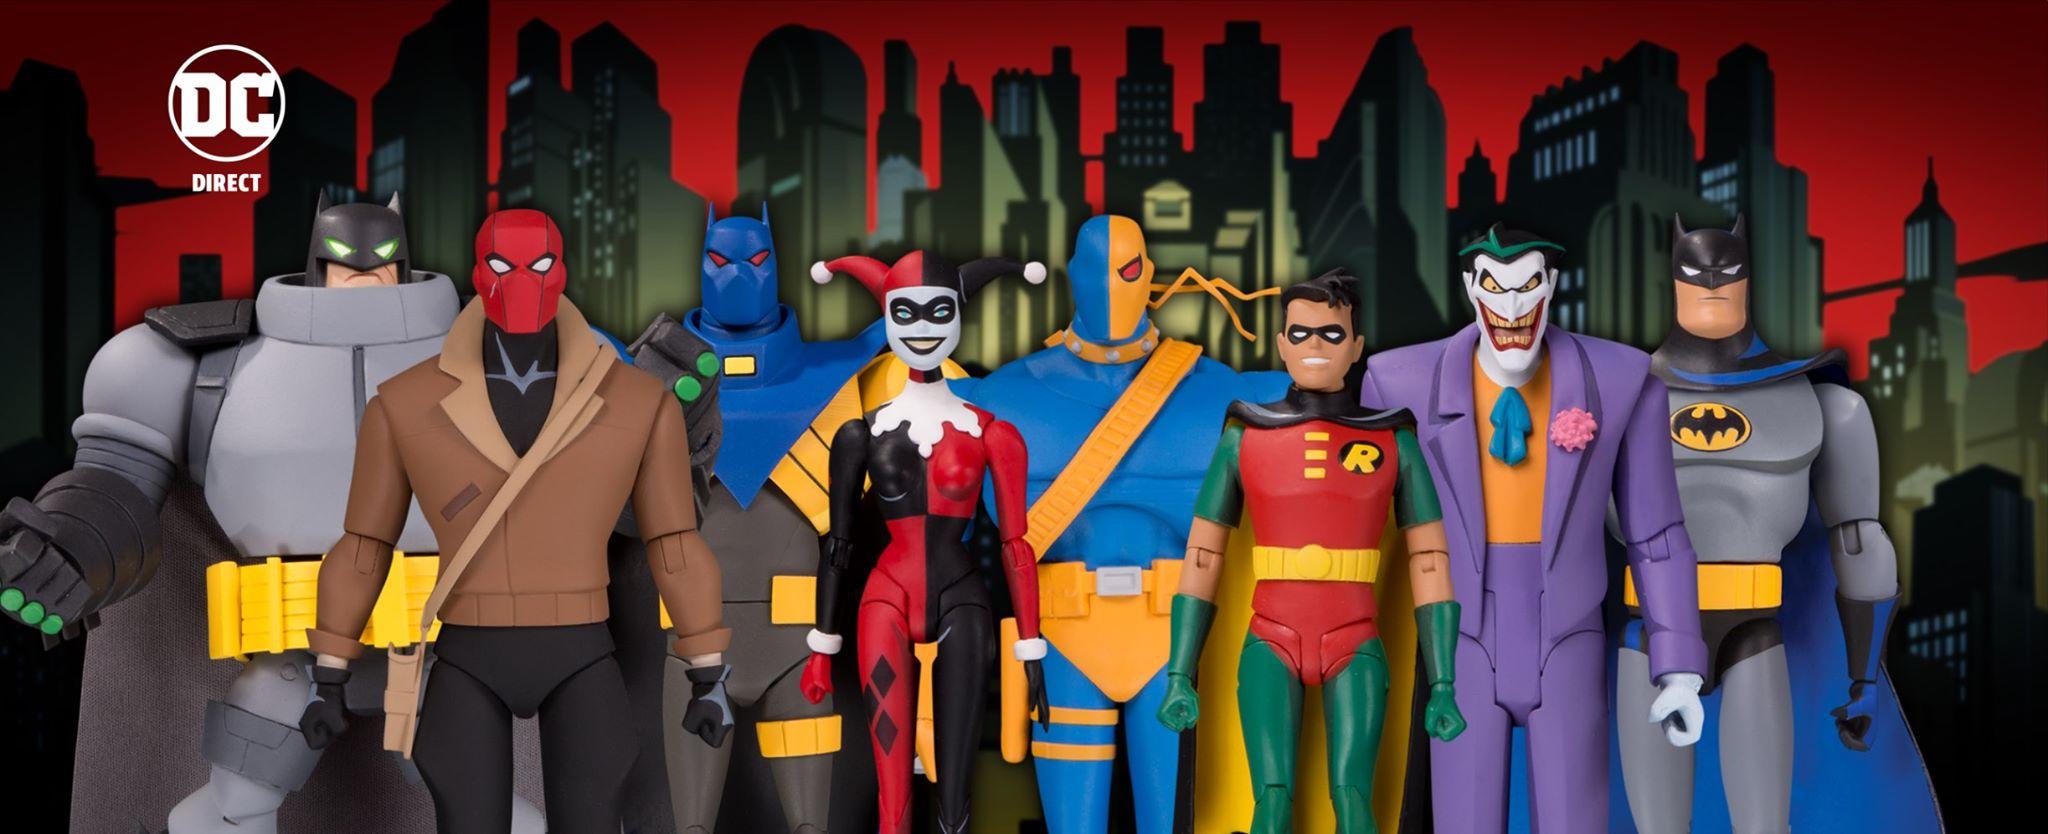 Batman The Adventures Continue Batman, Robin, Azrael & Deathstroke Figures In-Stock At EE